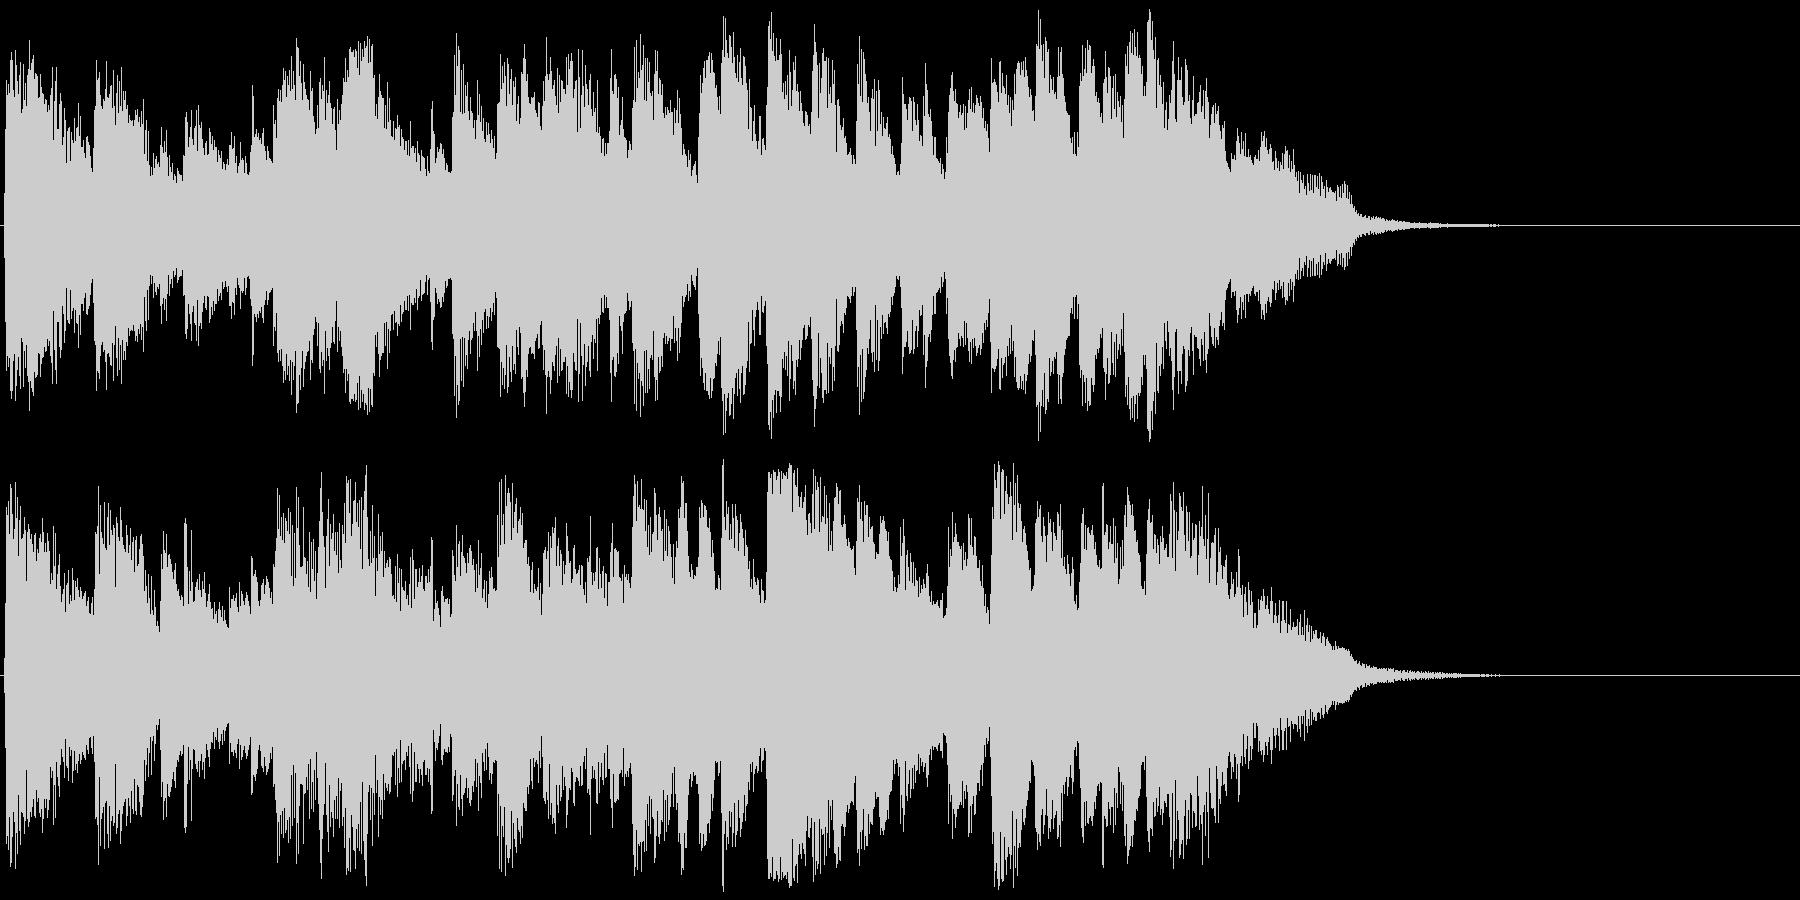 【ピアノ】バッハ風ジングル【15秒以内】の未再生の波形